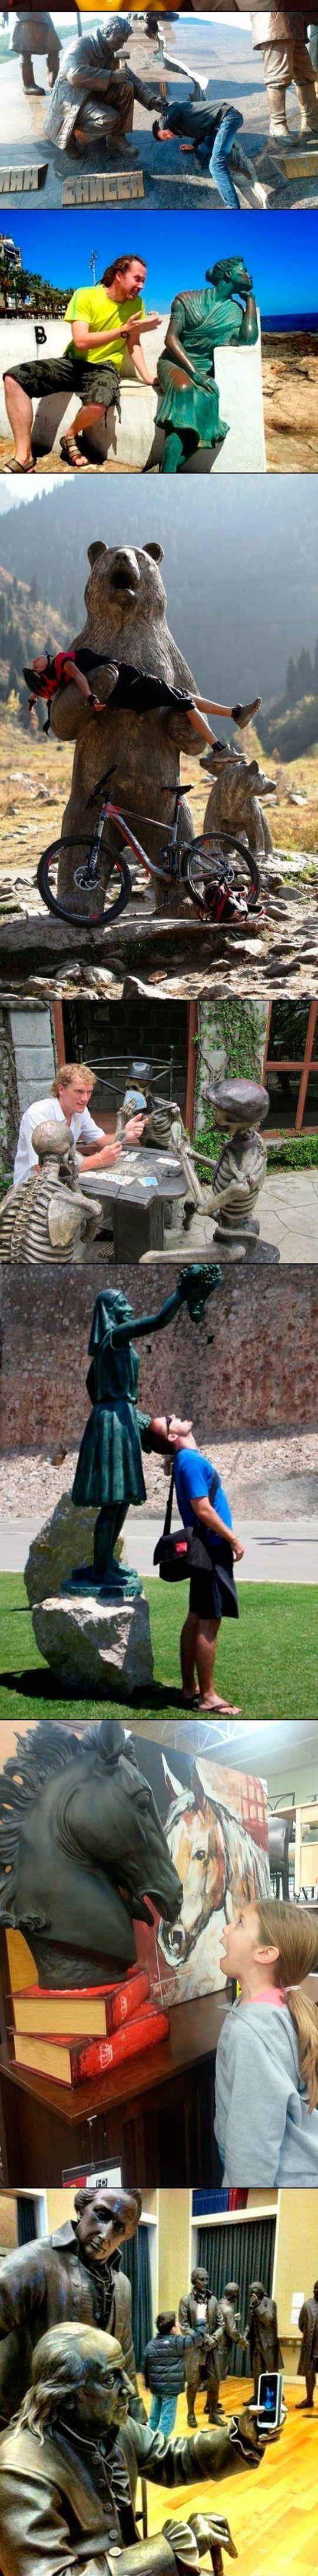 Fotografia Con Estatuas